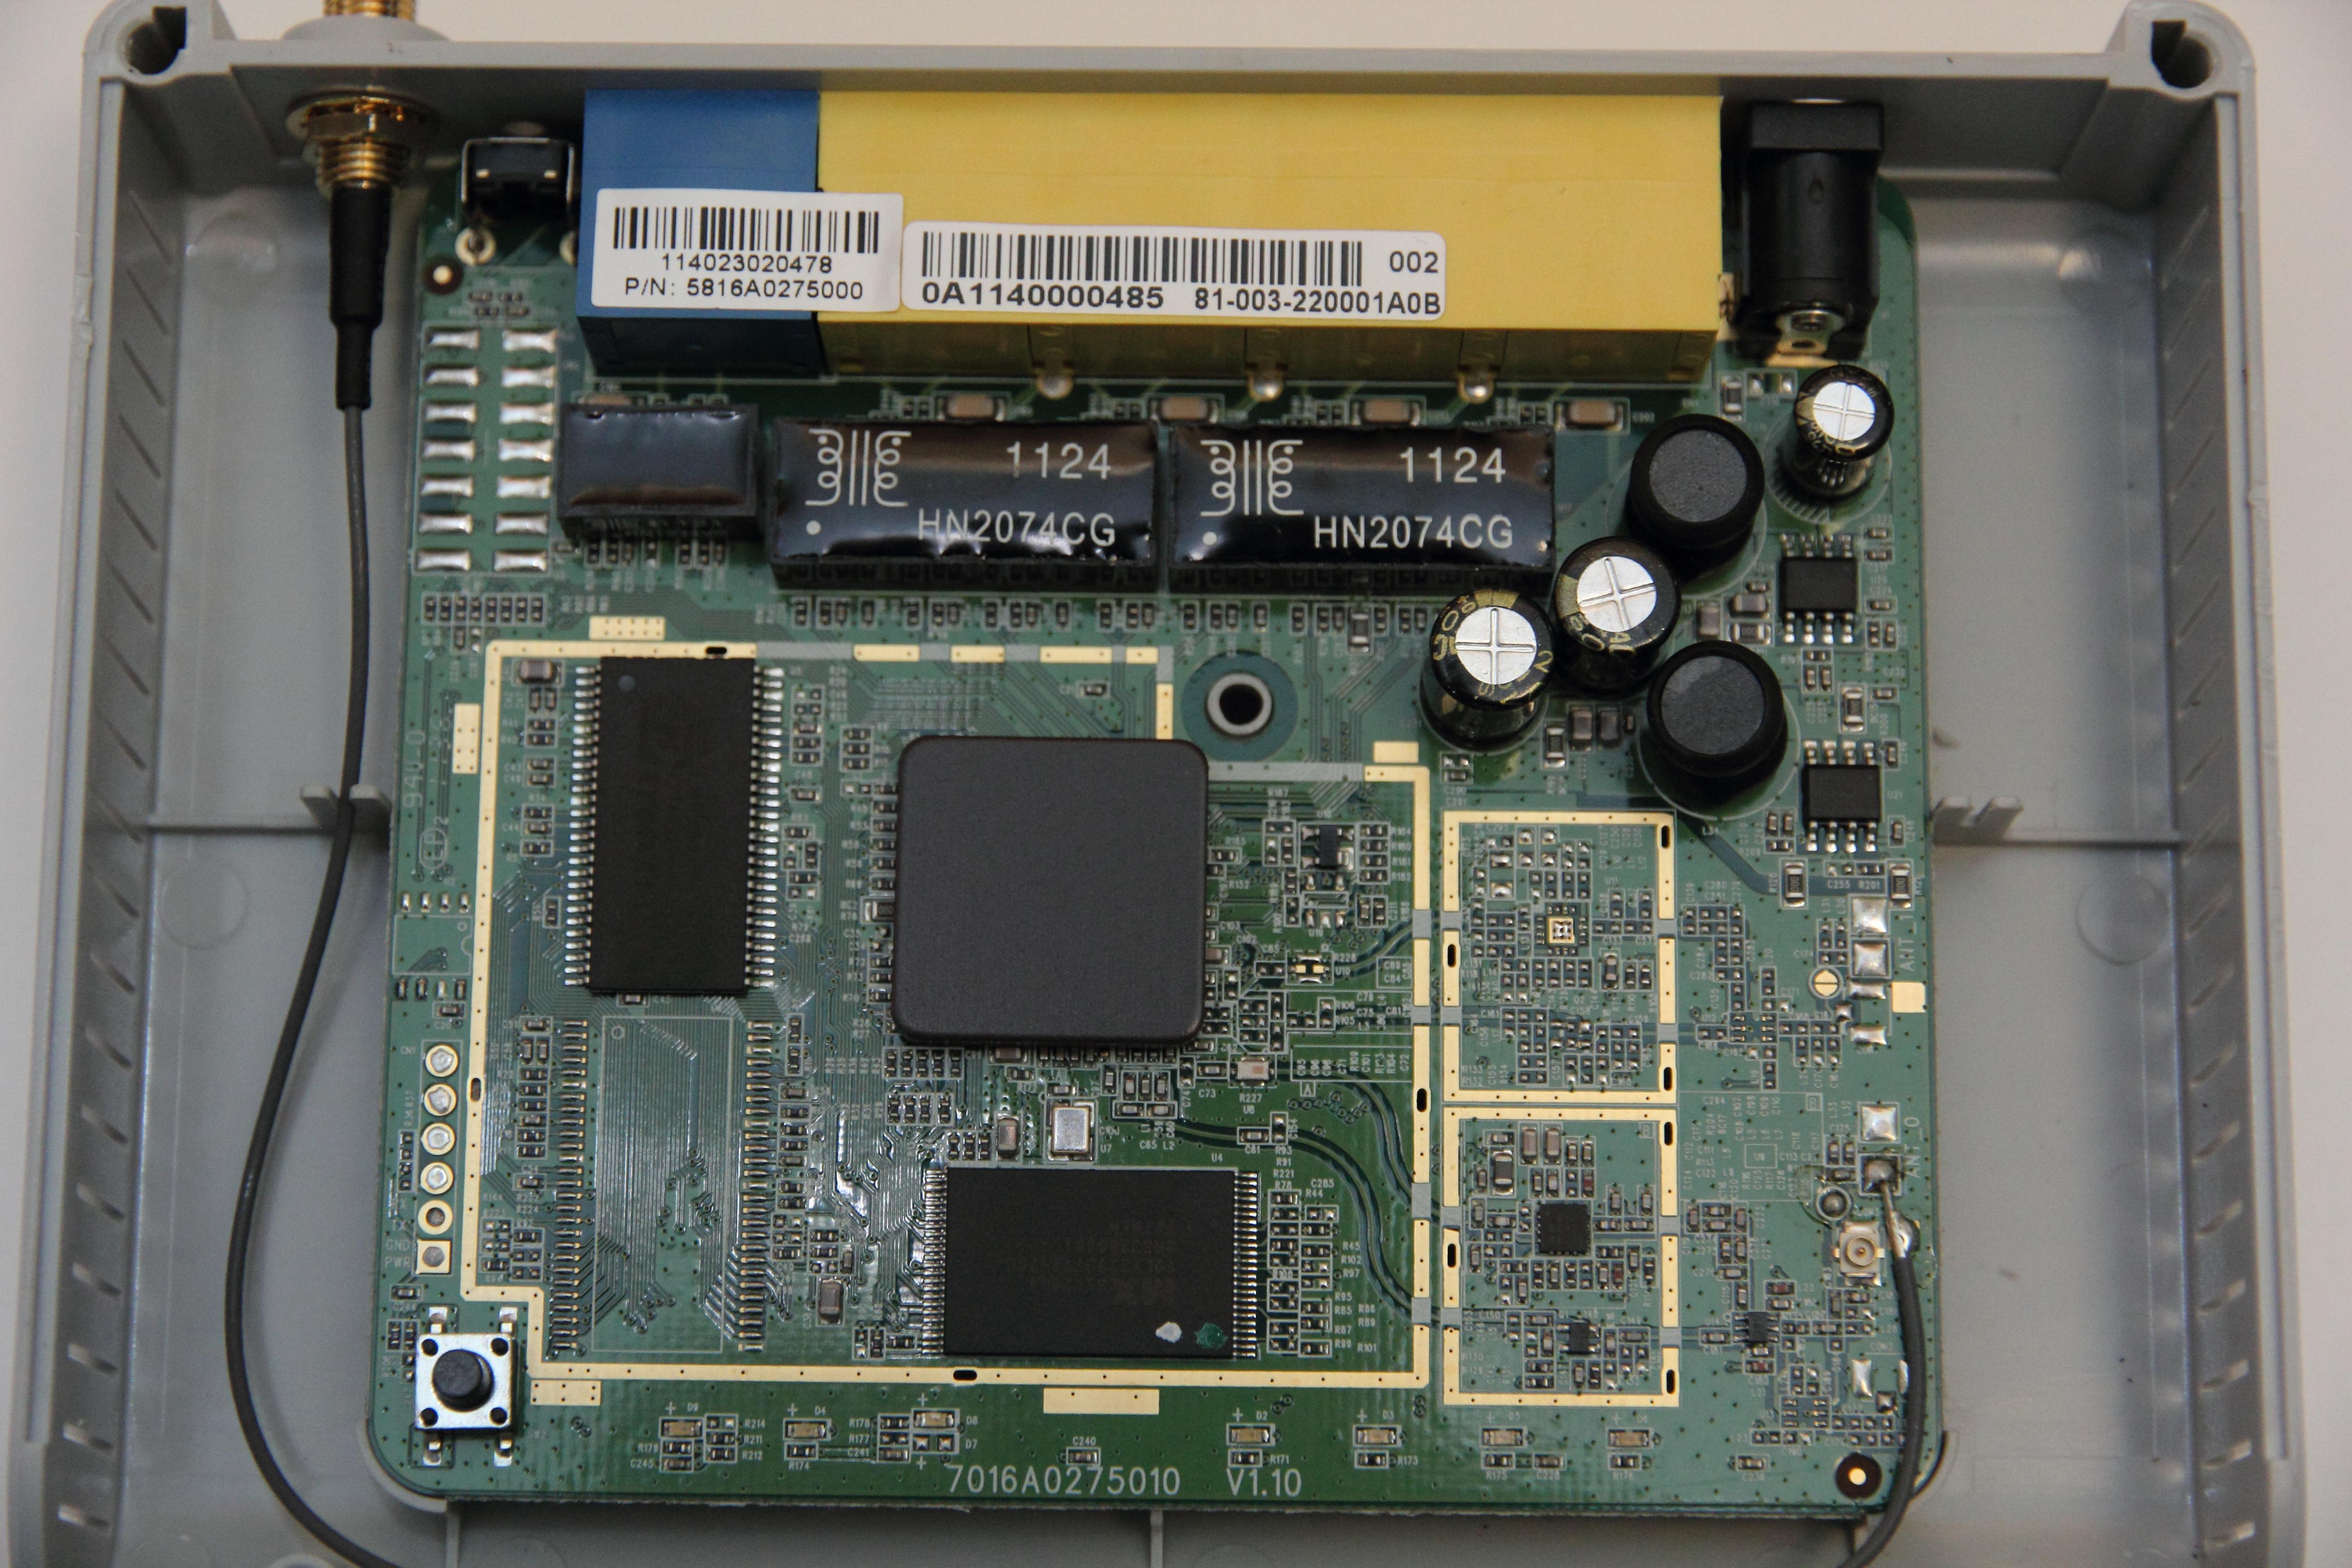 Zyxel_NBG-417N_06_circuit_board_top.JPG